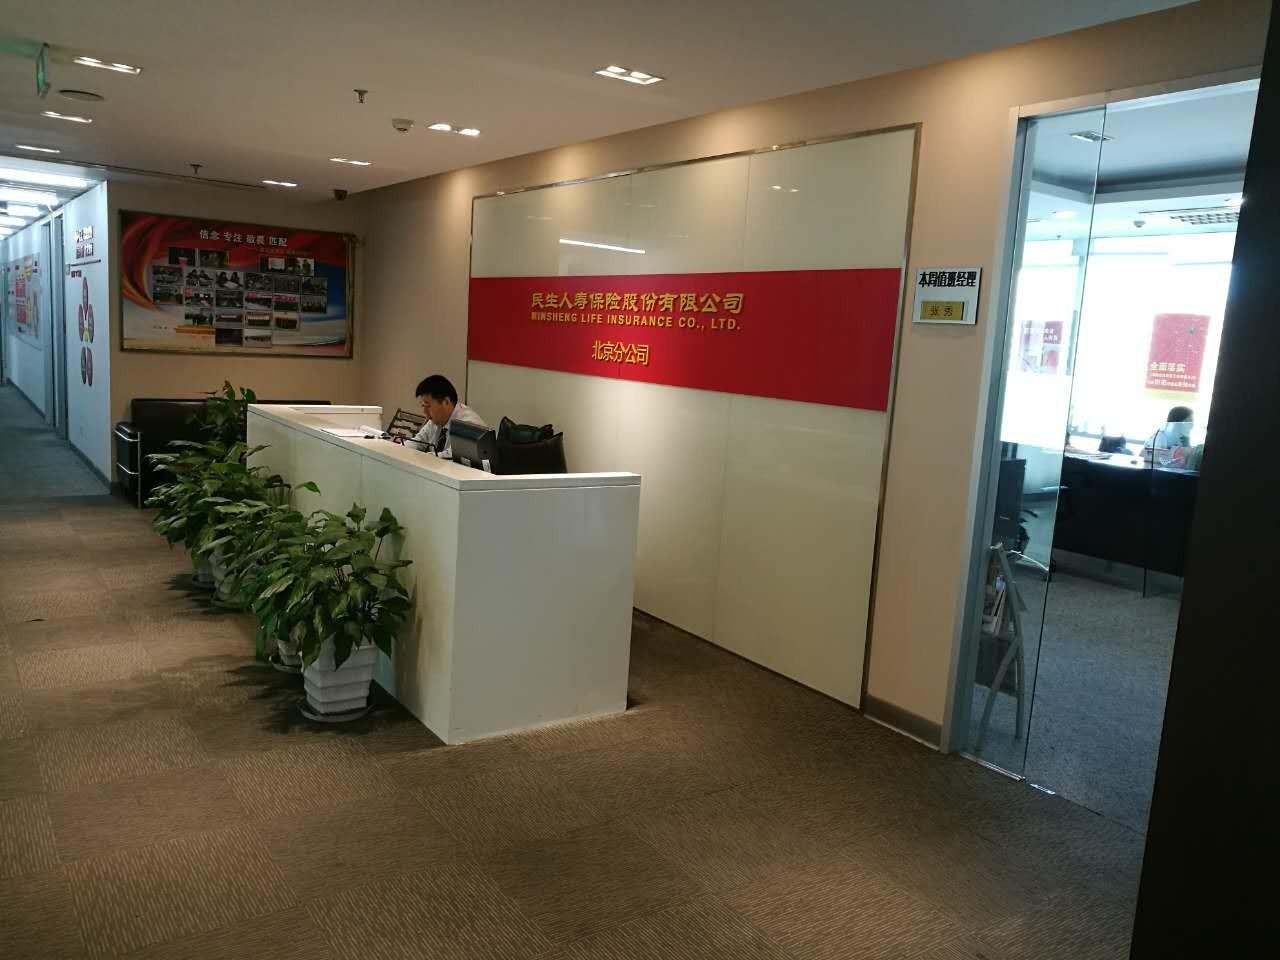 中国人寿安徽省分公司 中国人寿安徽分公司相知多年,值得托付